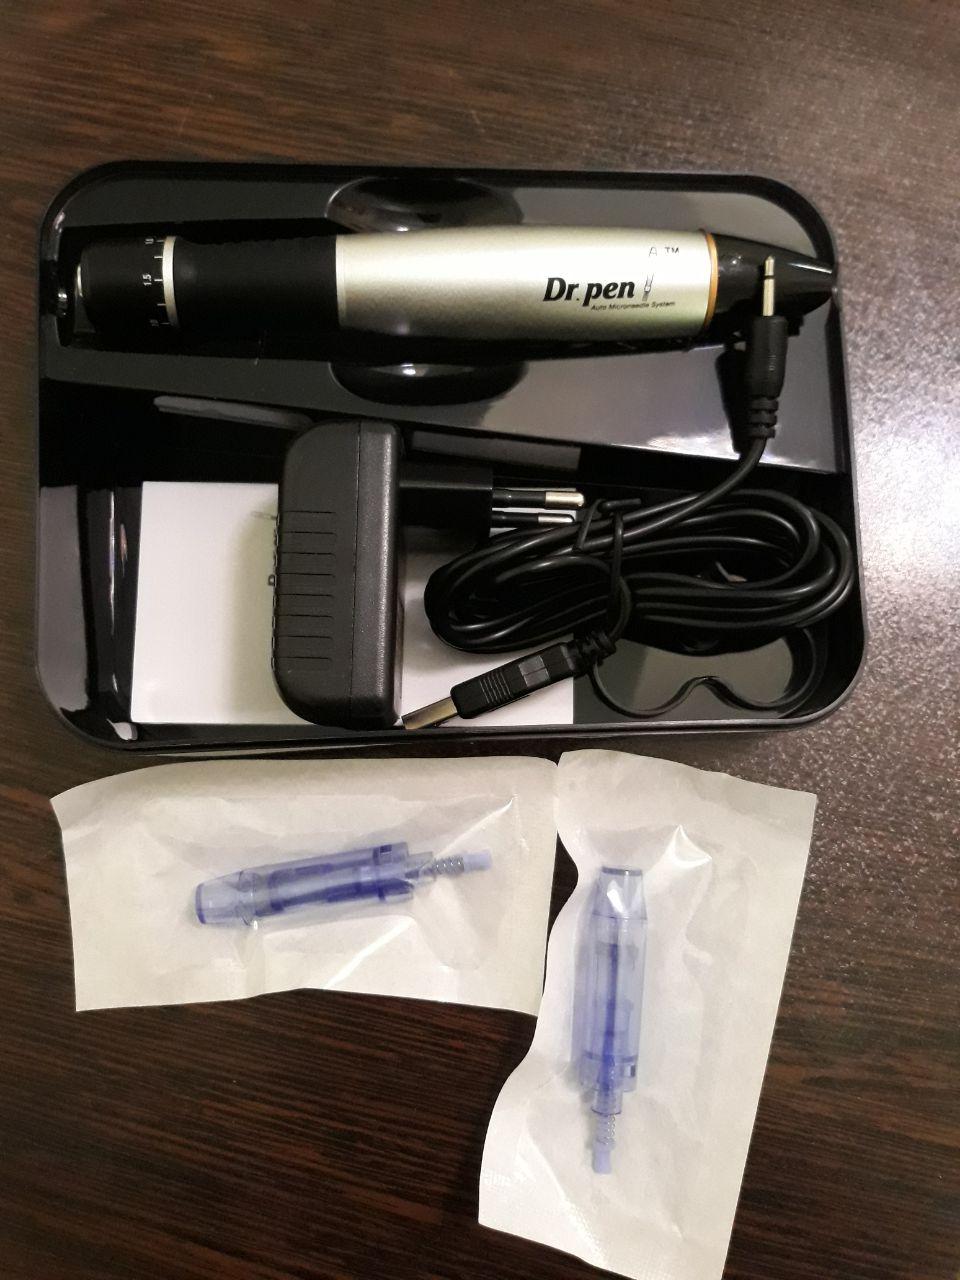 دستگاه درماپن (میکرونیدلینگ) مدل A1w برند دکترپنdr.pen